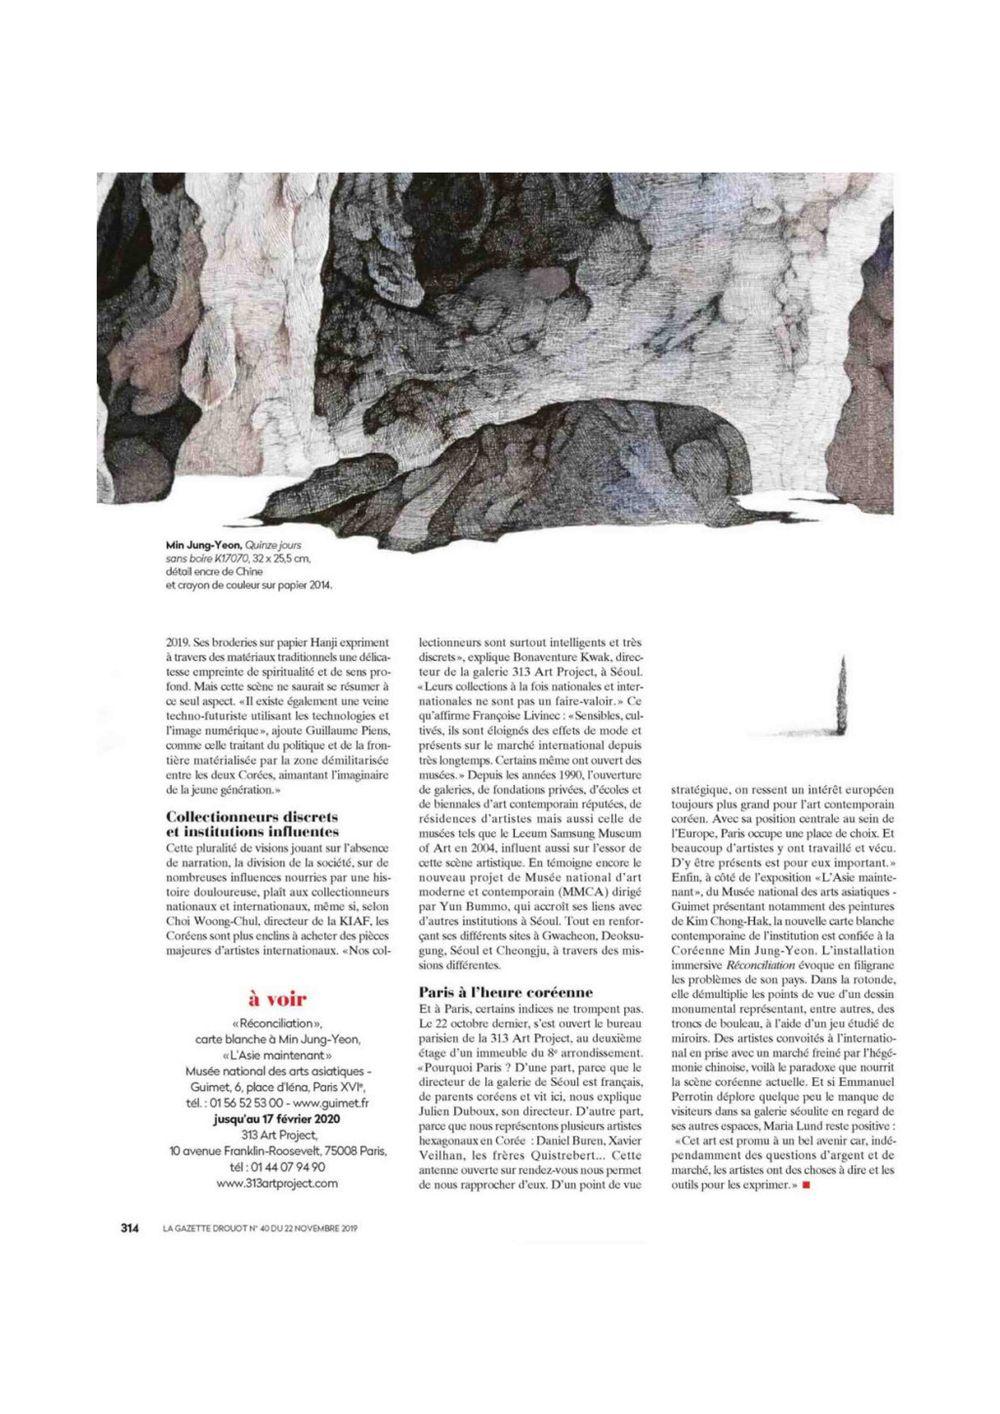 La Gazette Drouot | Emmanuel Perrotin